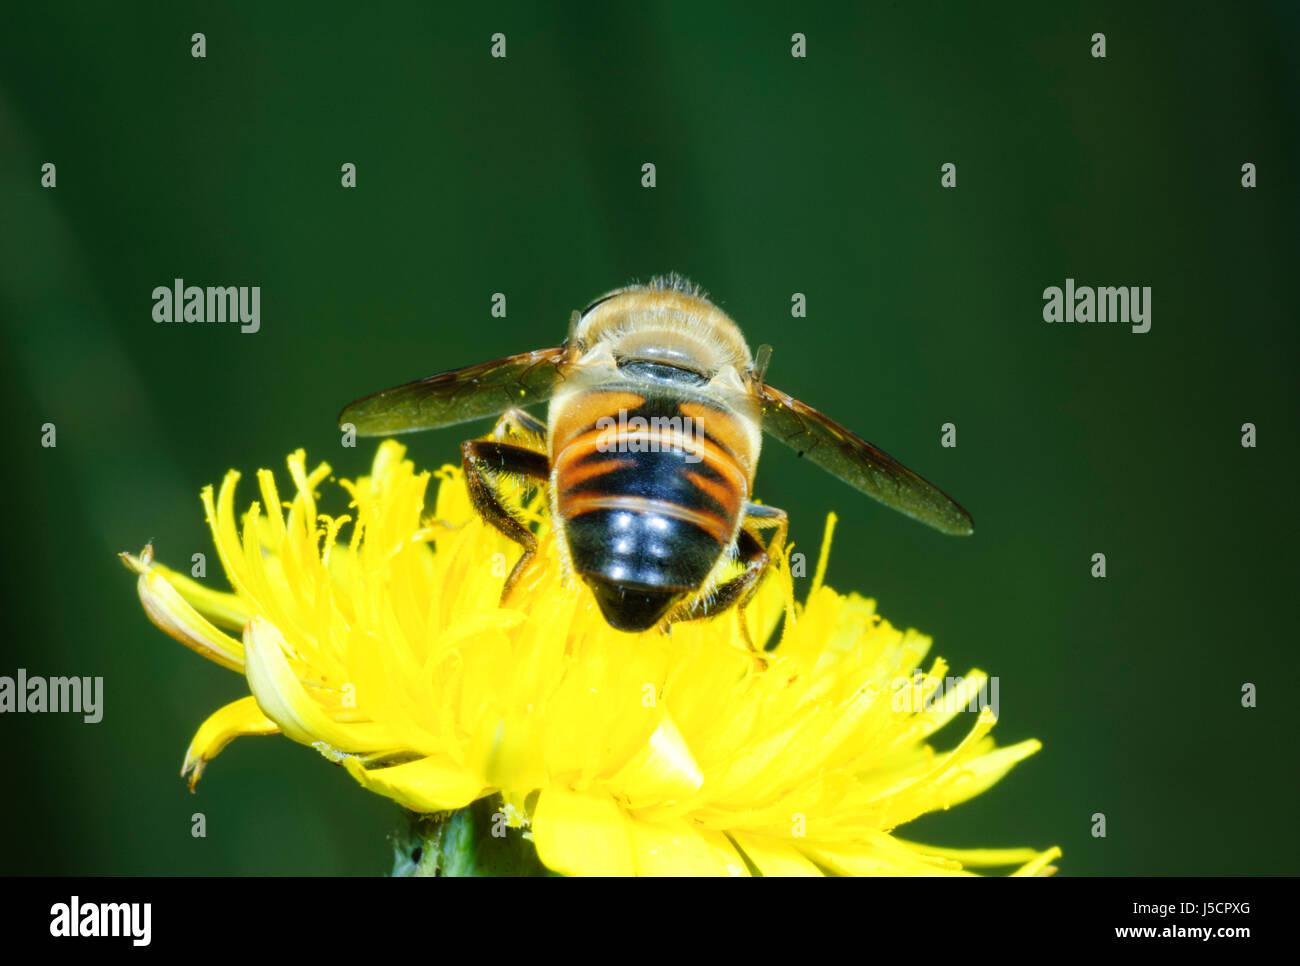 Drohne fliegen (Eristalis Tenax), eine Biene Mimik, gesehen von hinten bestäuben Nektar von einem gelben Flowerhead, Stockbild